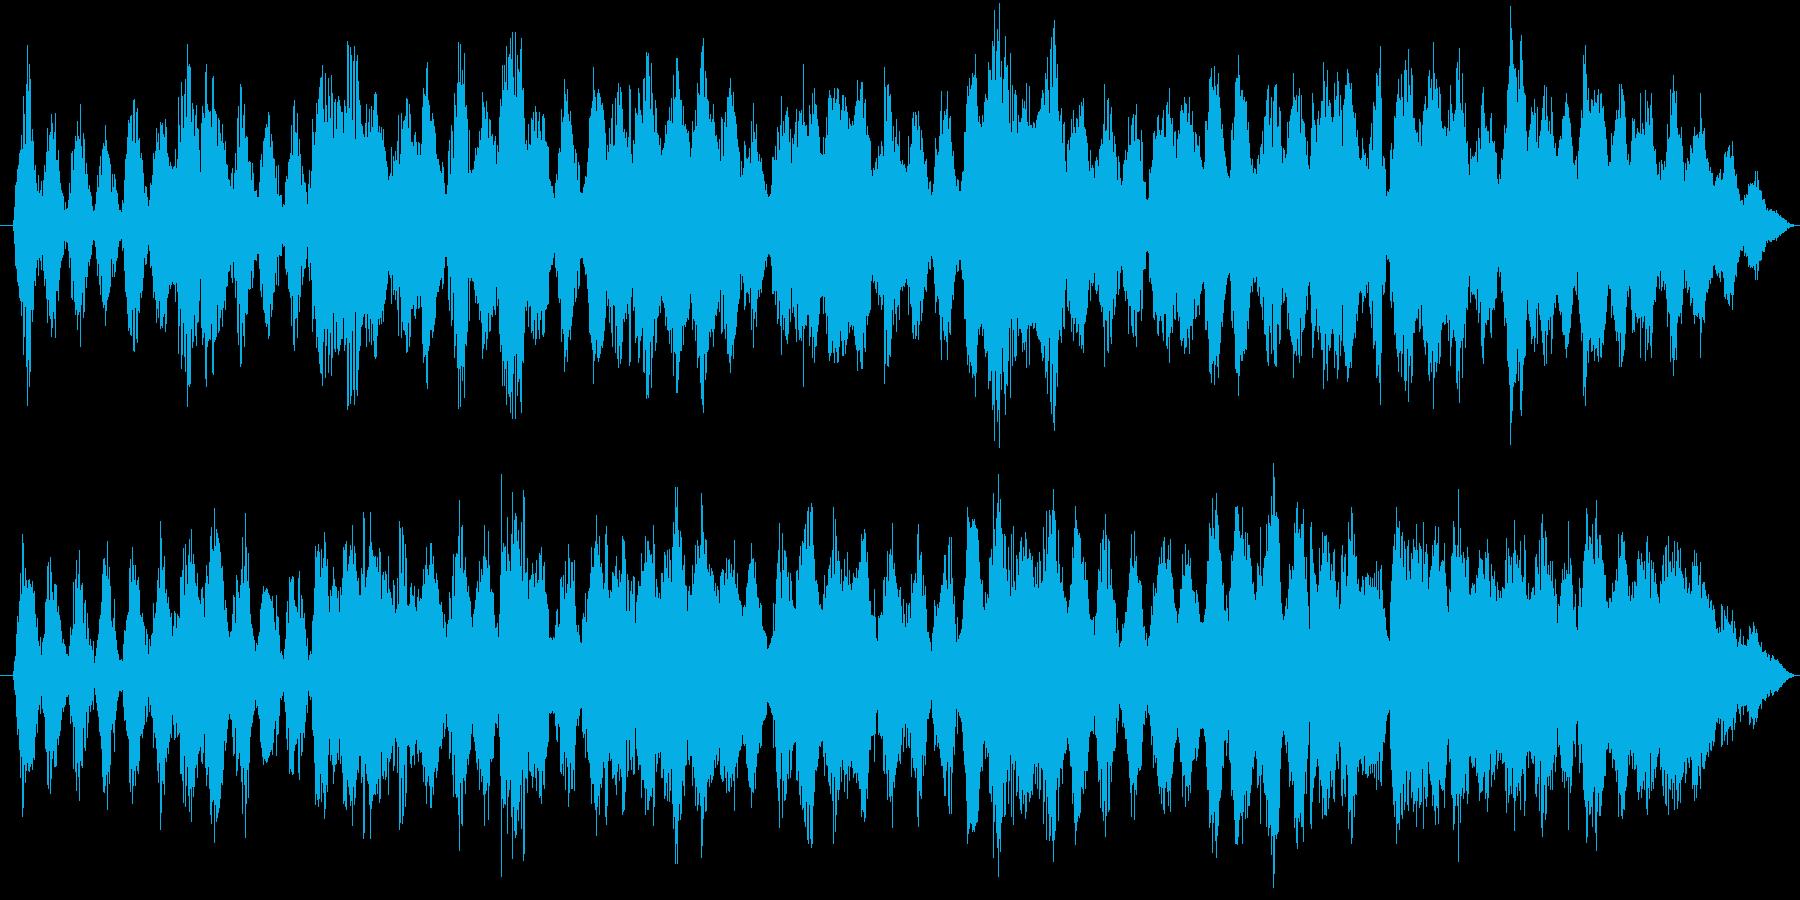 宇宙的で浮遊感のあるアンビエントの再生済みの波形